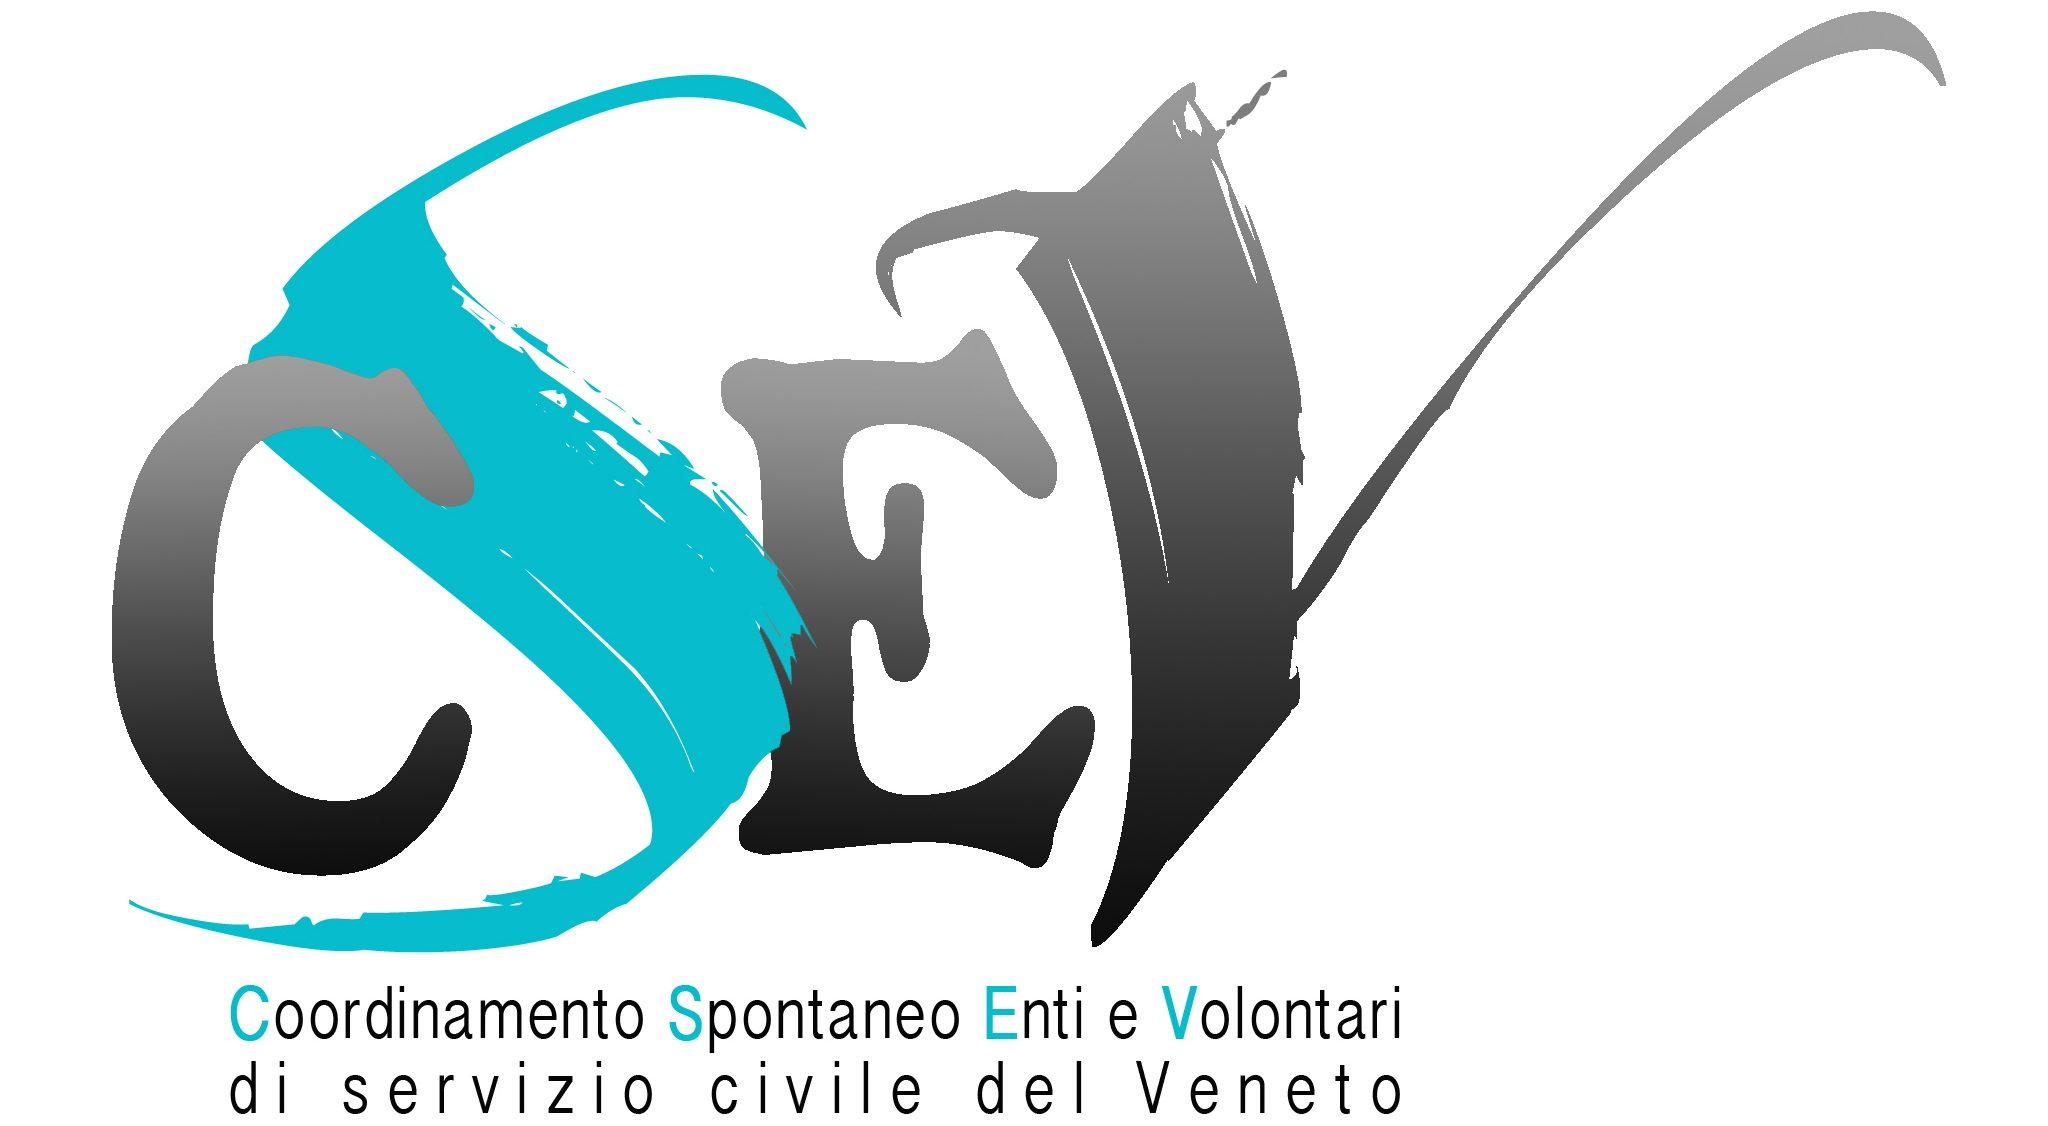 Coordinamento Spontaneo Enti e Volontari Servizio Civile Veneto